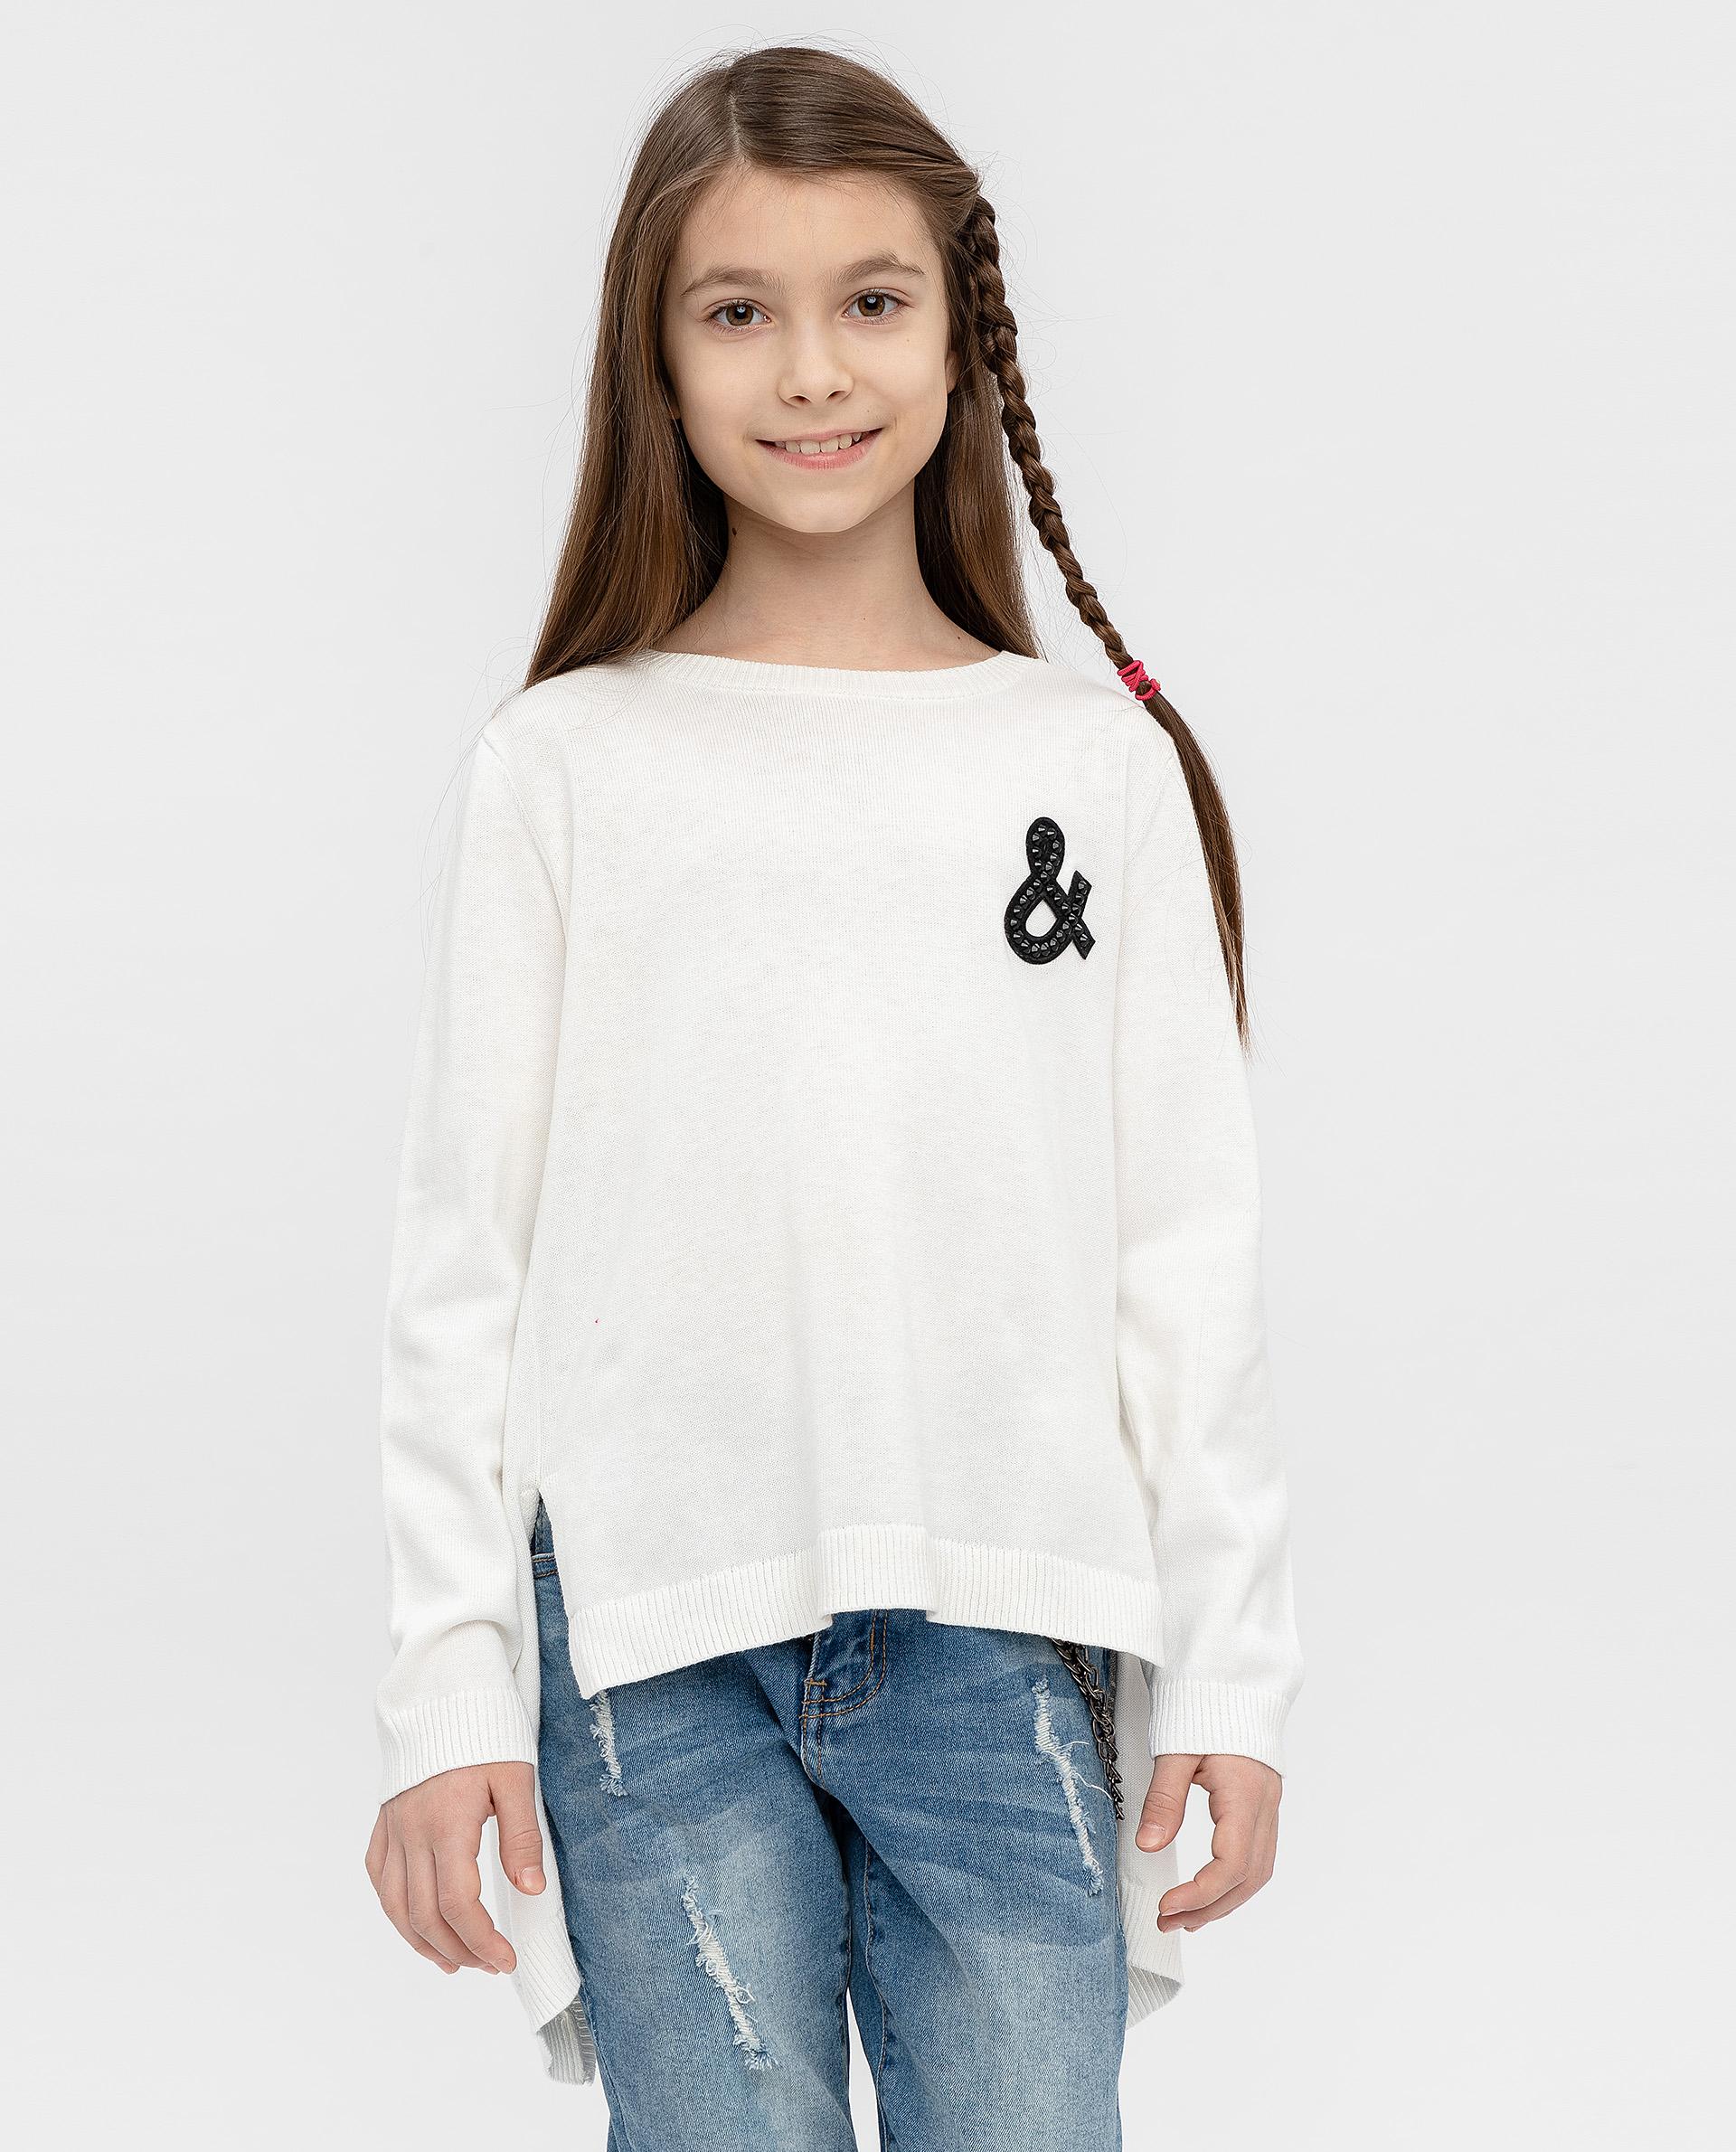 Джемпер для девочек Gulliver, цв. белый, р.164 12007GJC3101